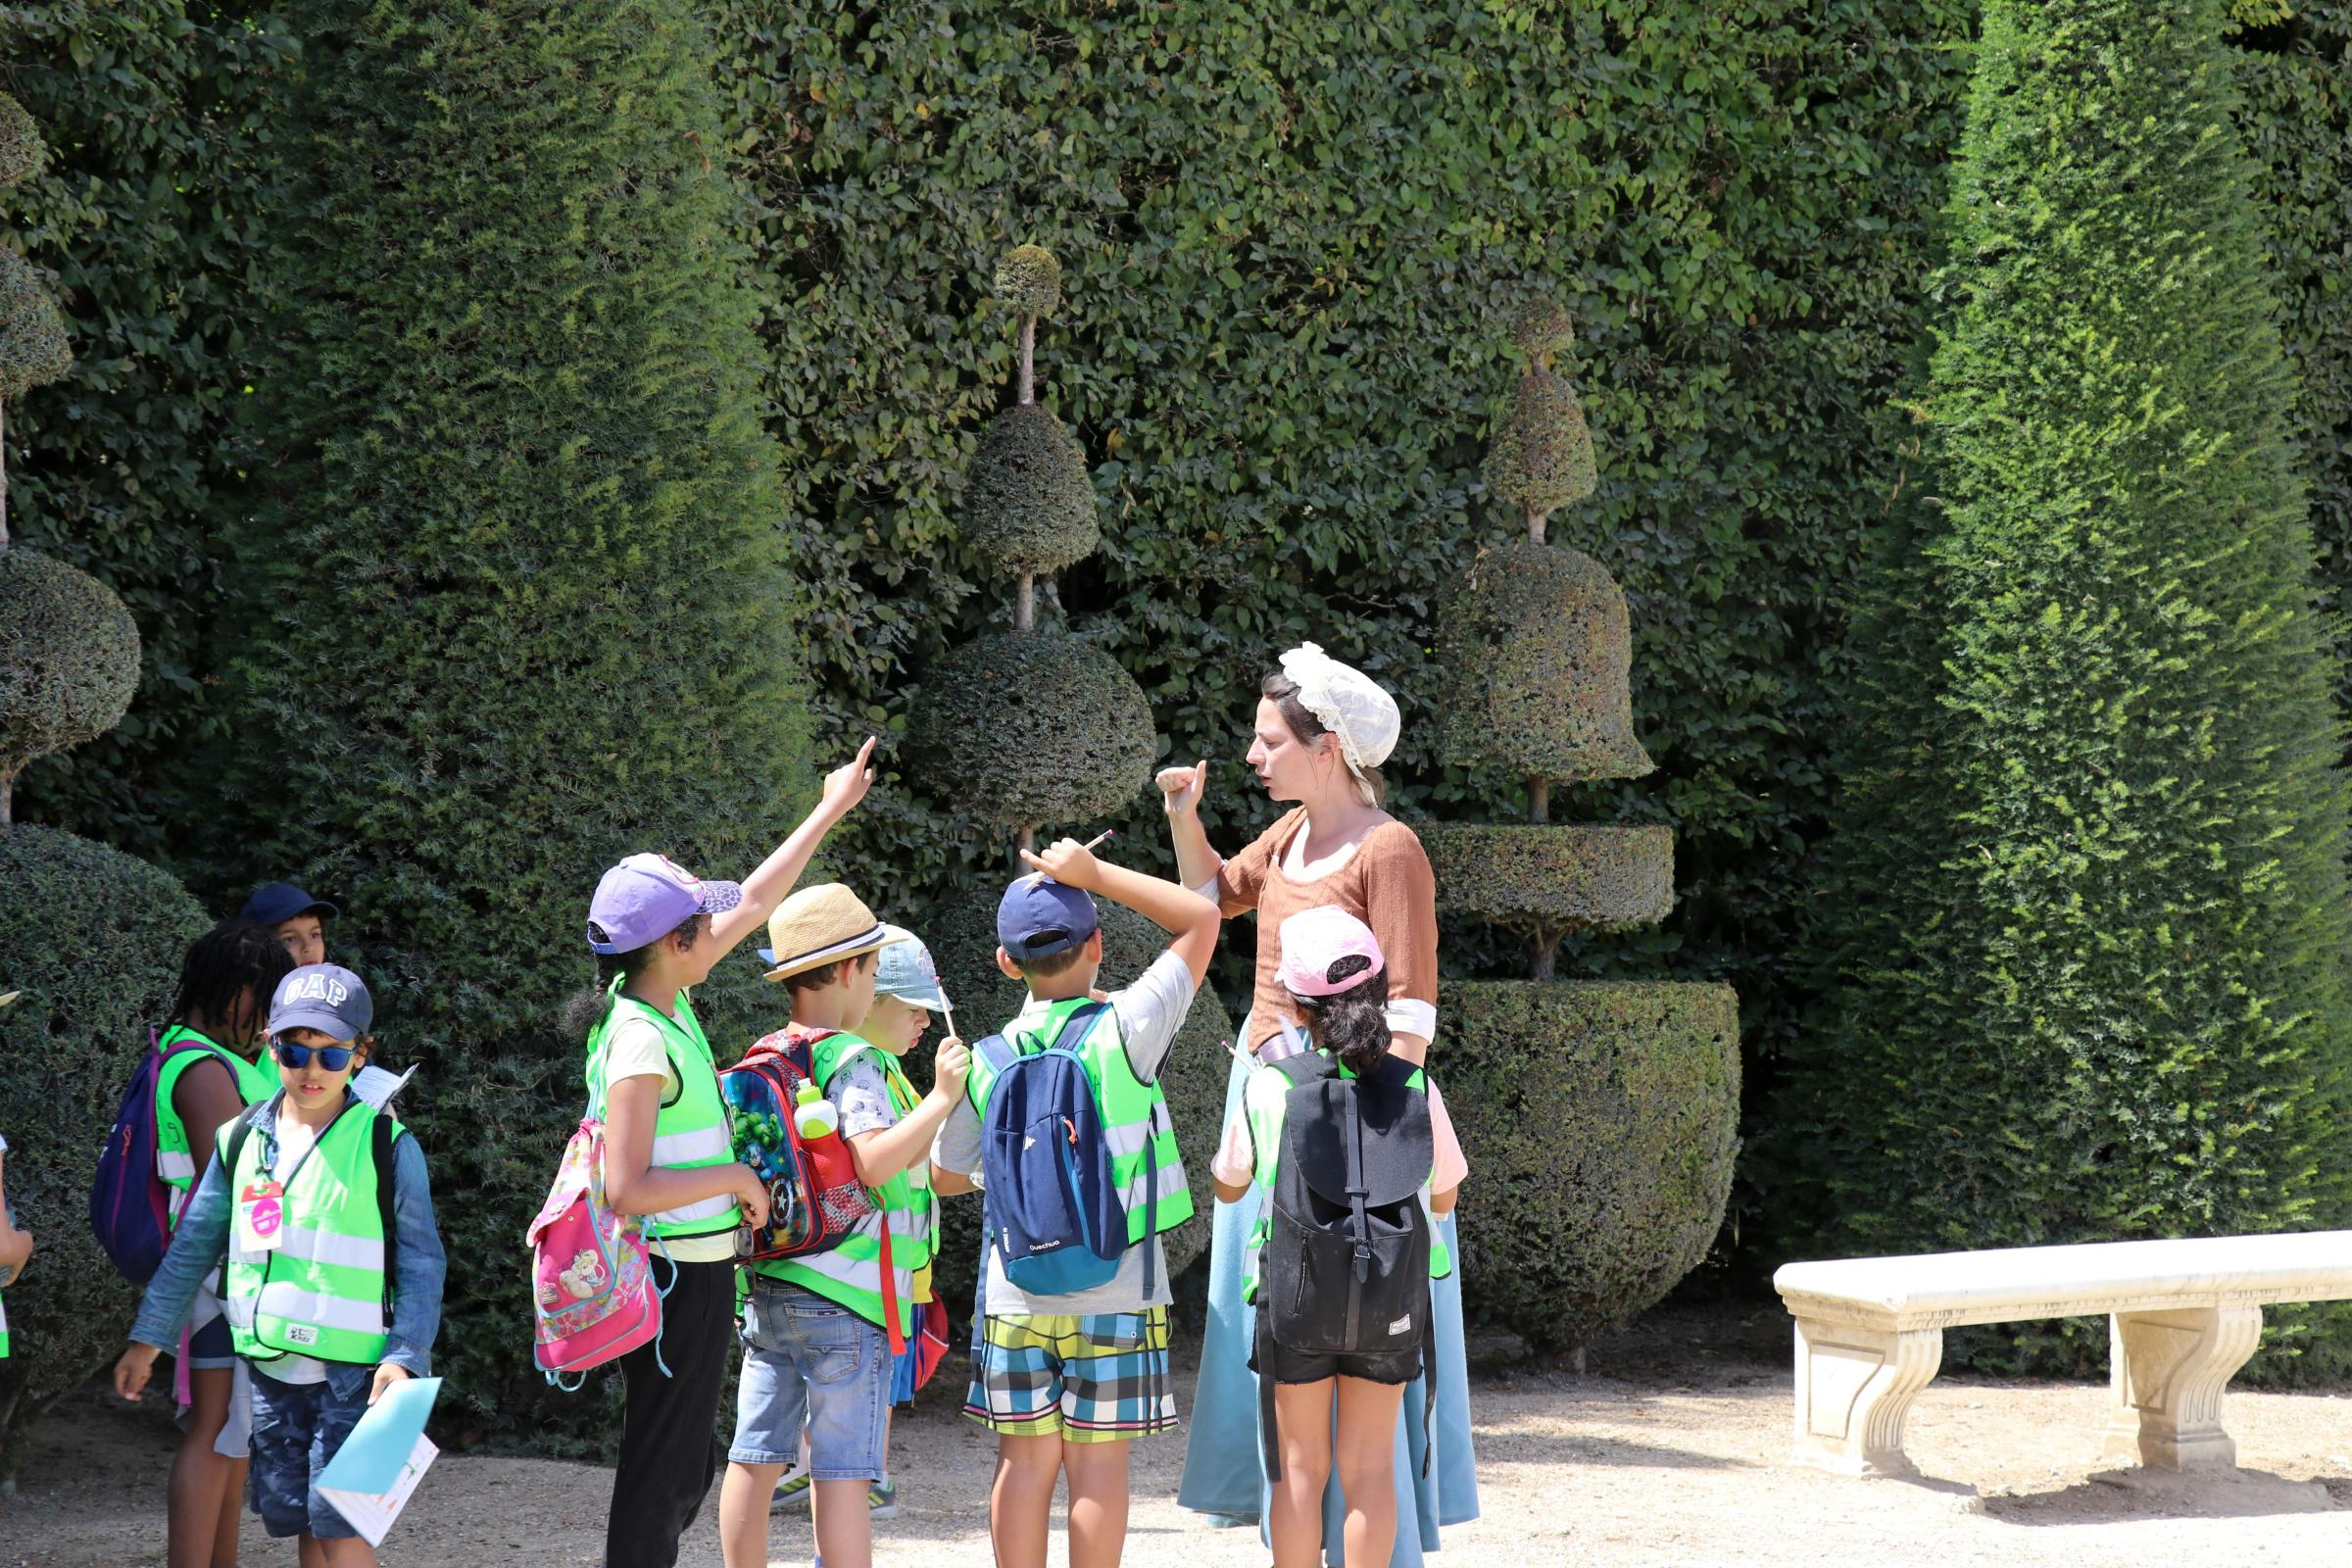 Une Journée de Vacances à Versailles © CLAD / THE FARM